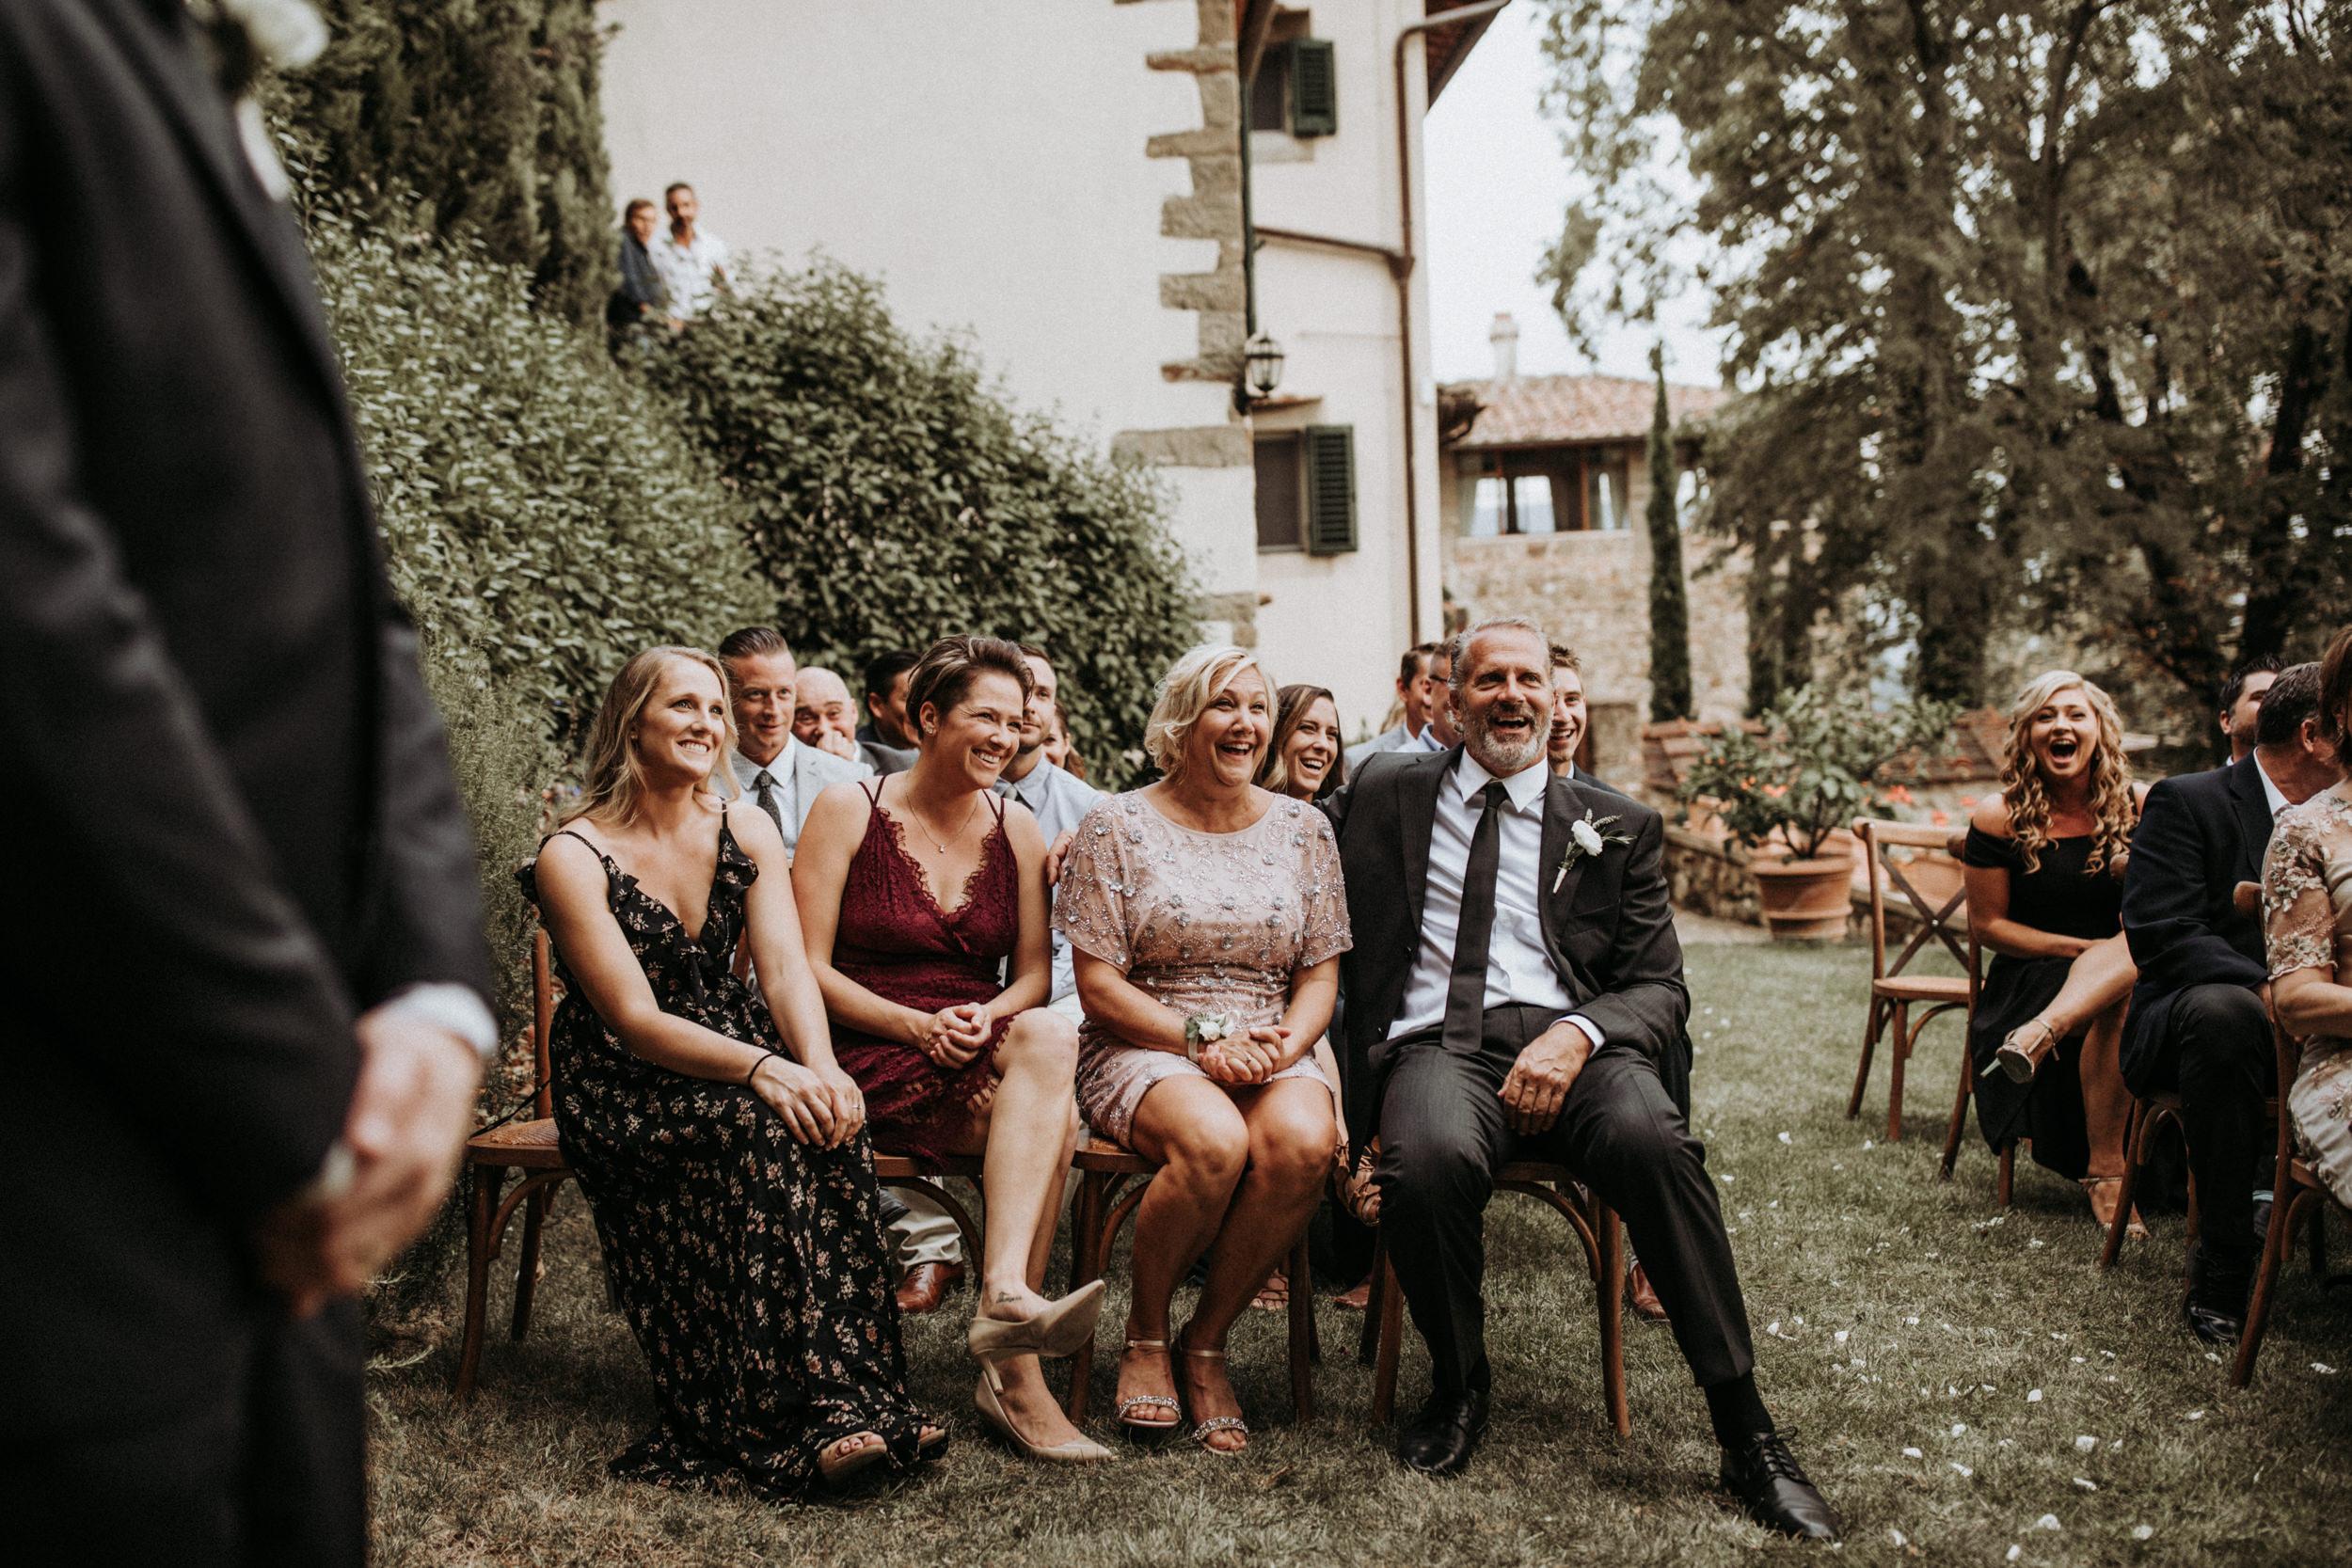 dm_photography_KW_Tuscanyweddingday_239